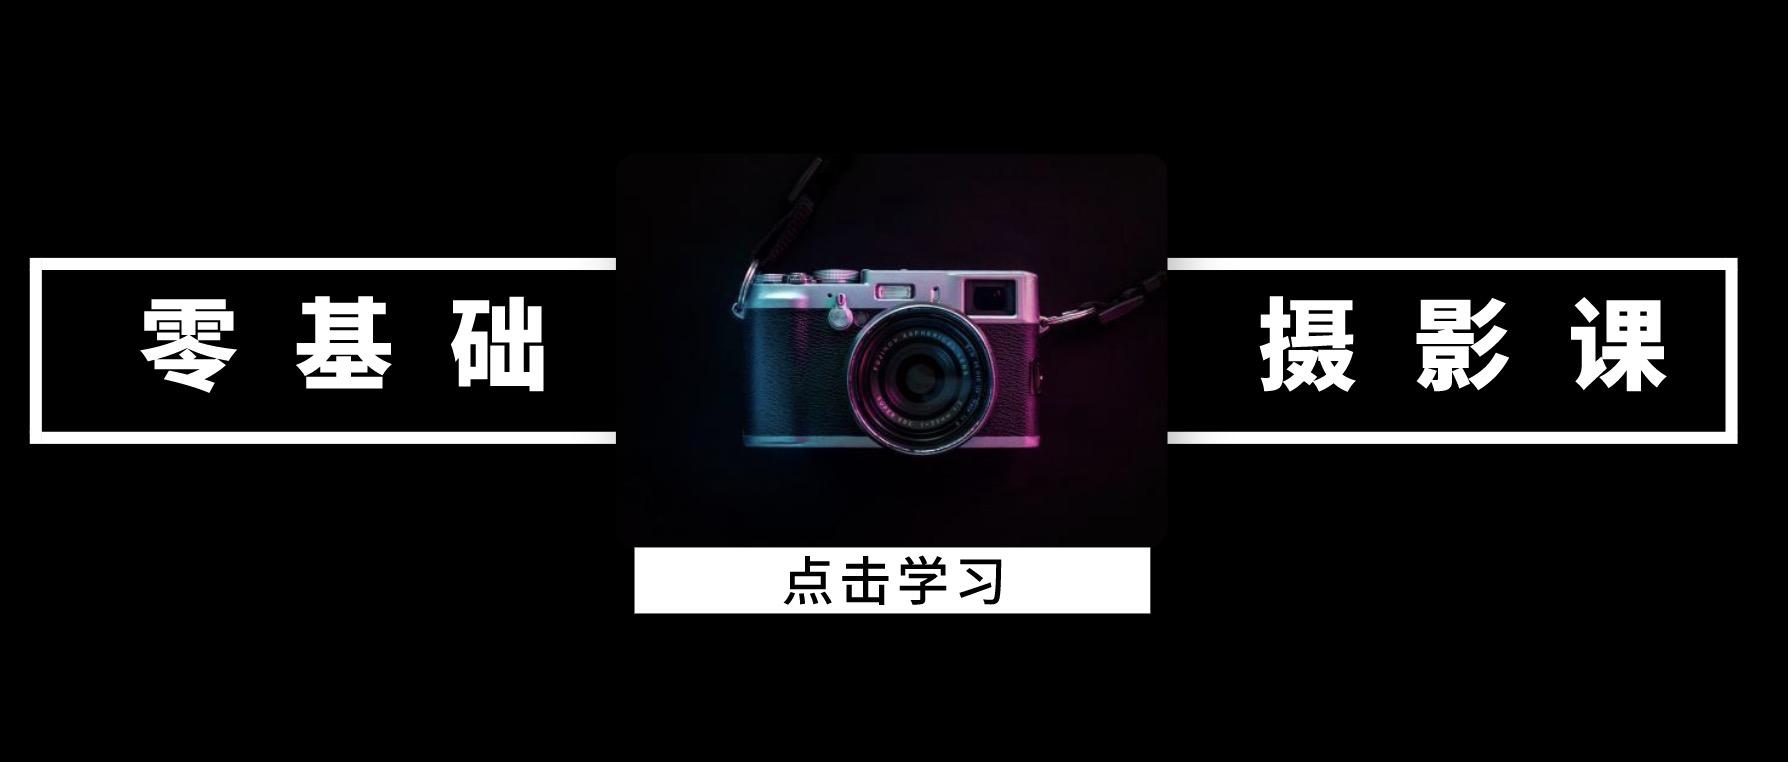 摄影课程零基础入门 百度网盘